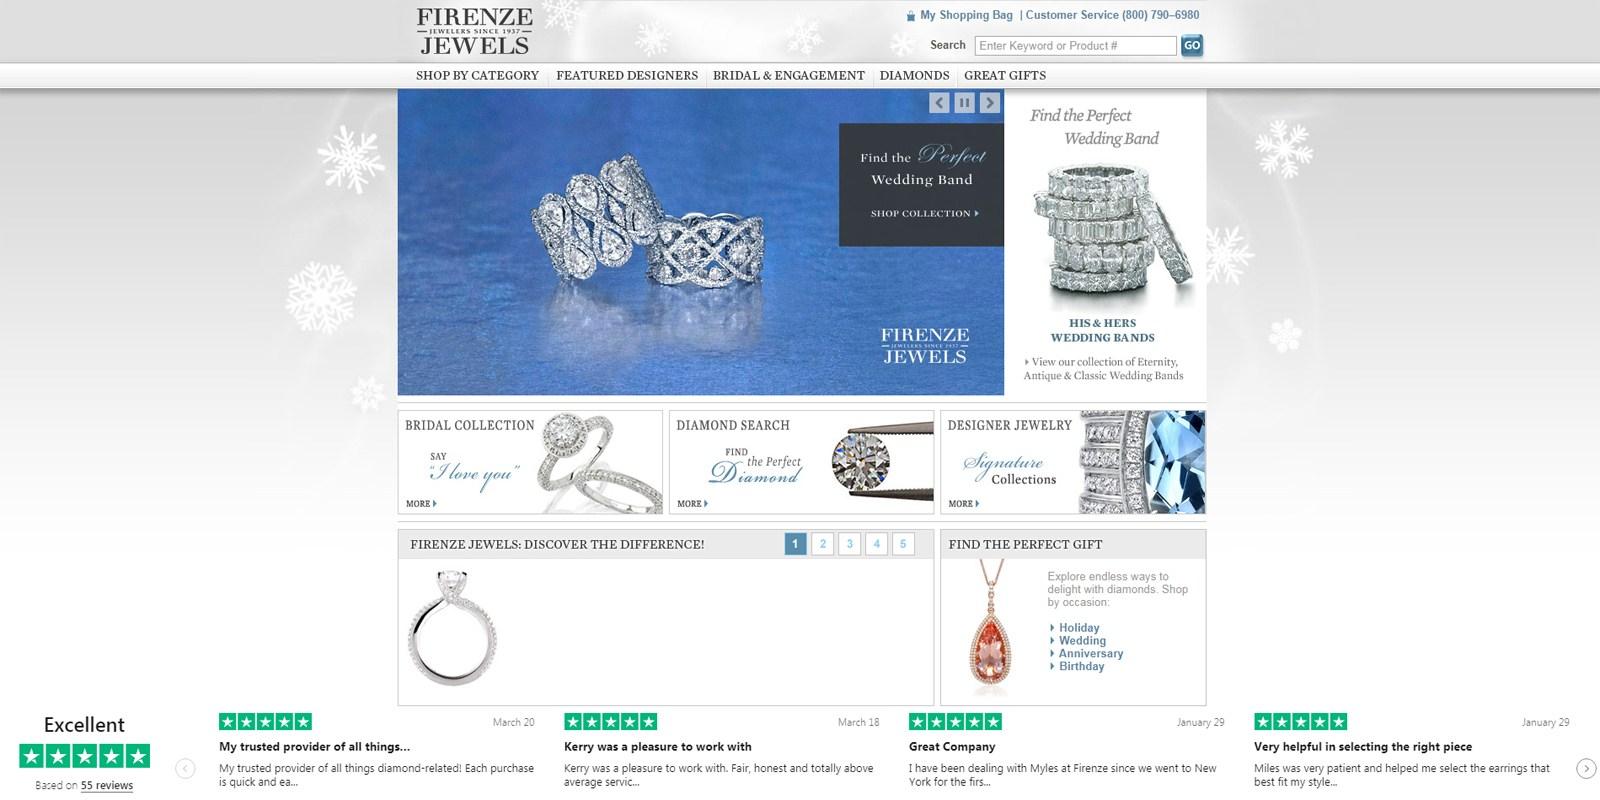 Firenze Jewels